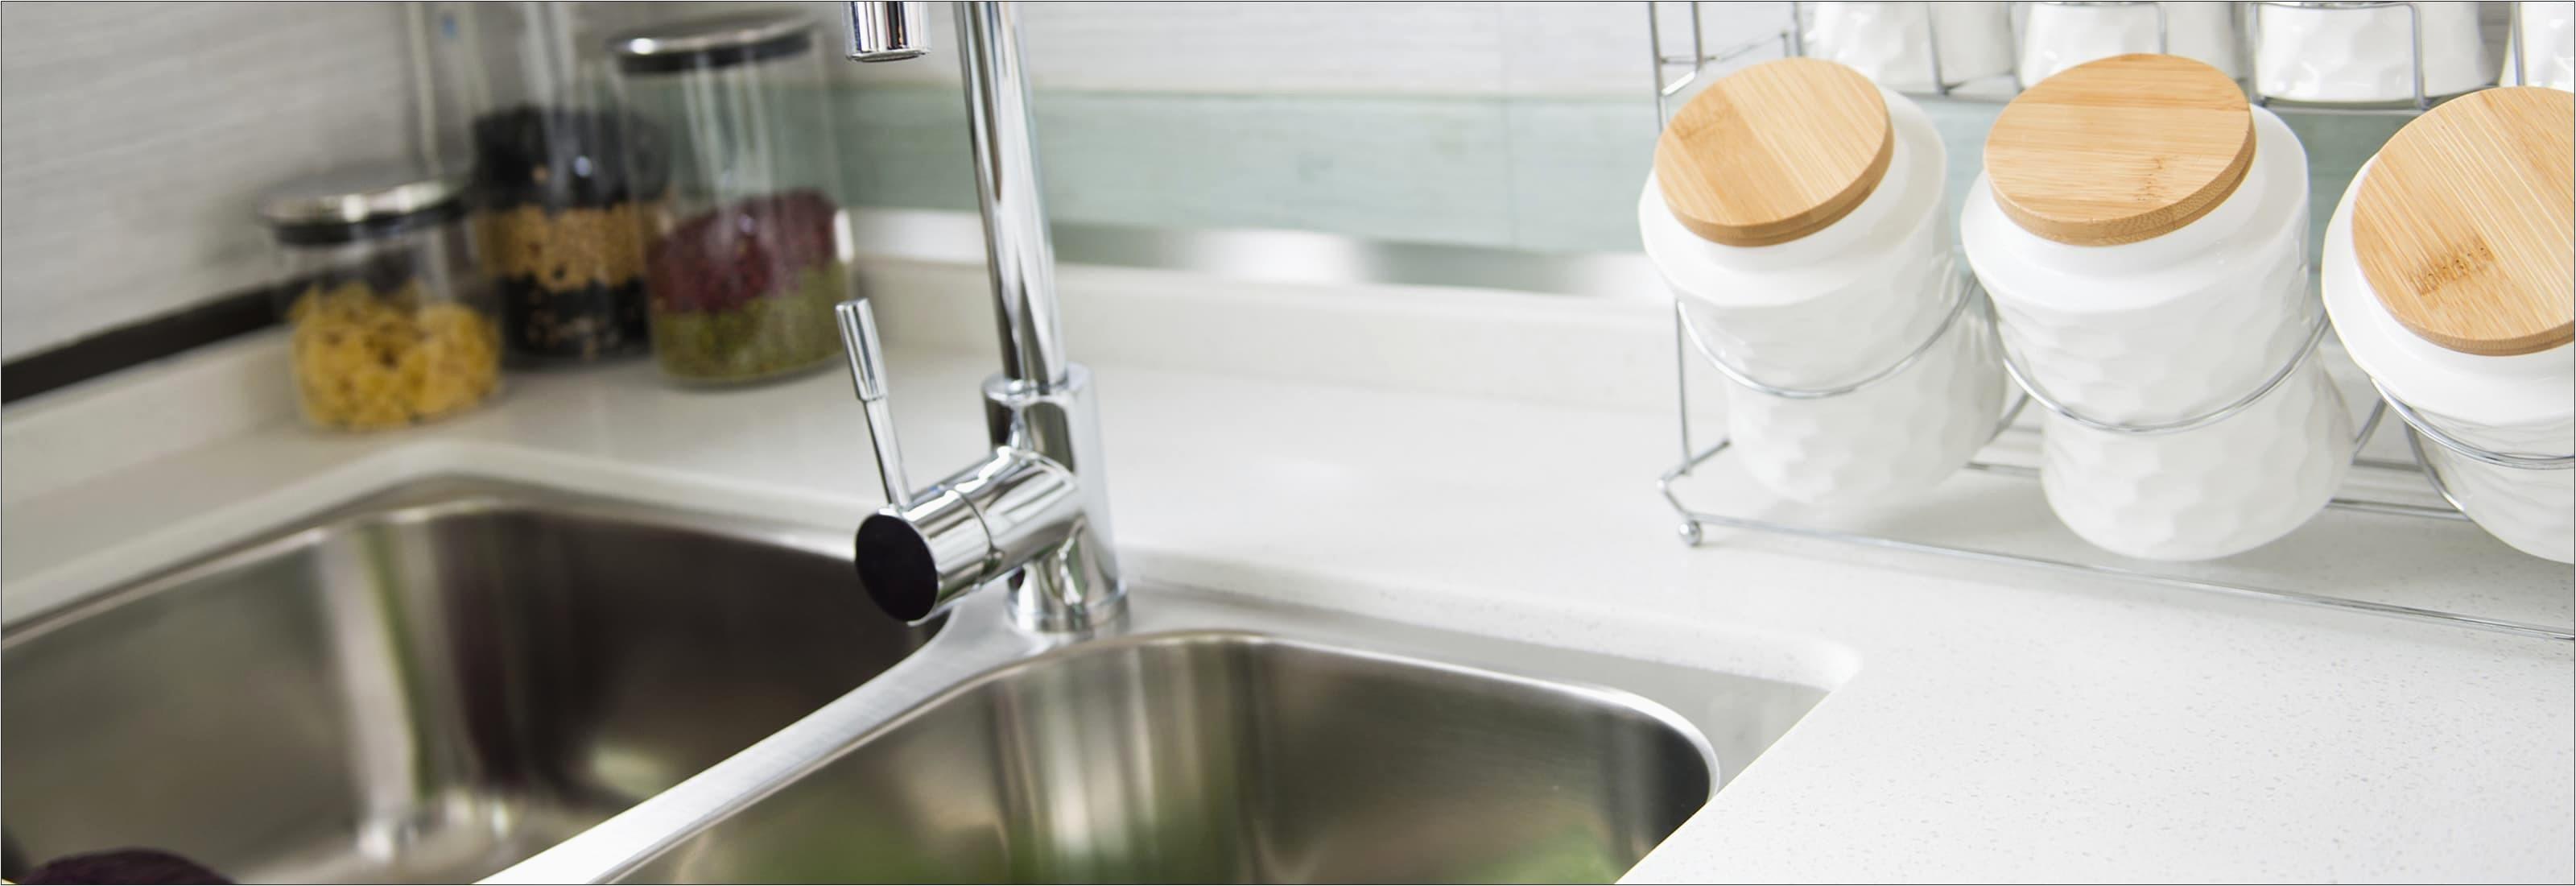 Bathroom clipart modern bathroom. Elegant house ideas and